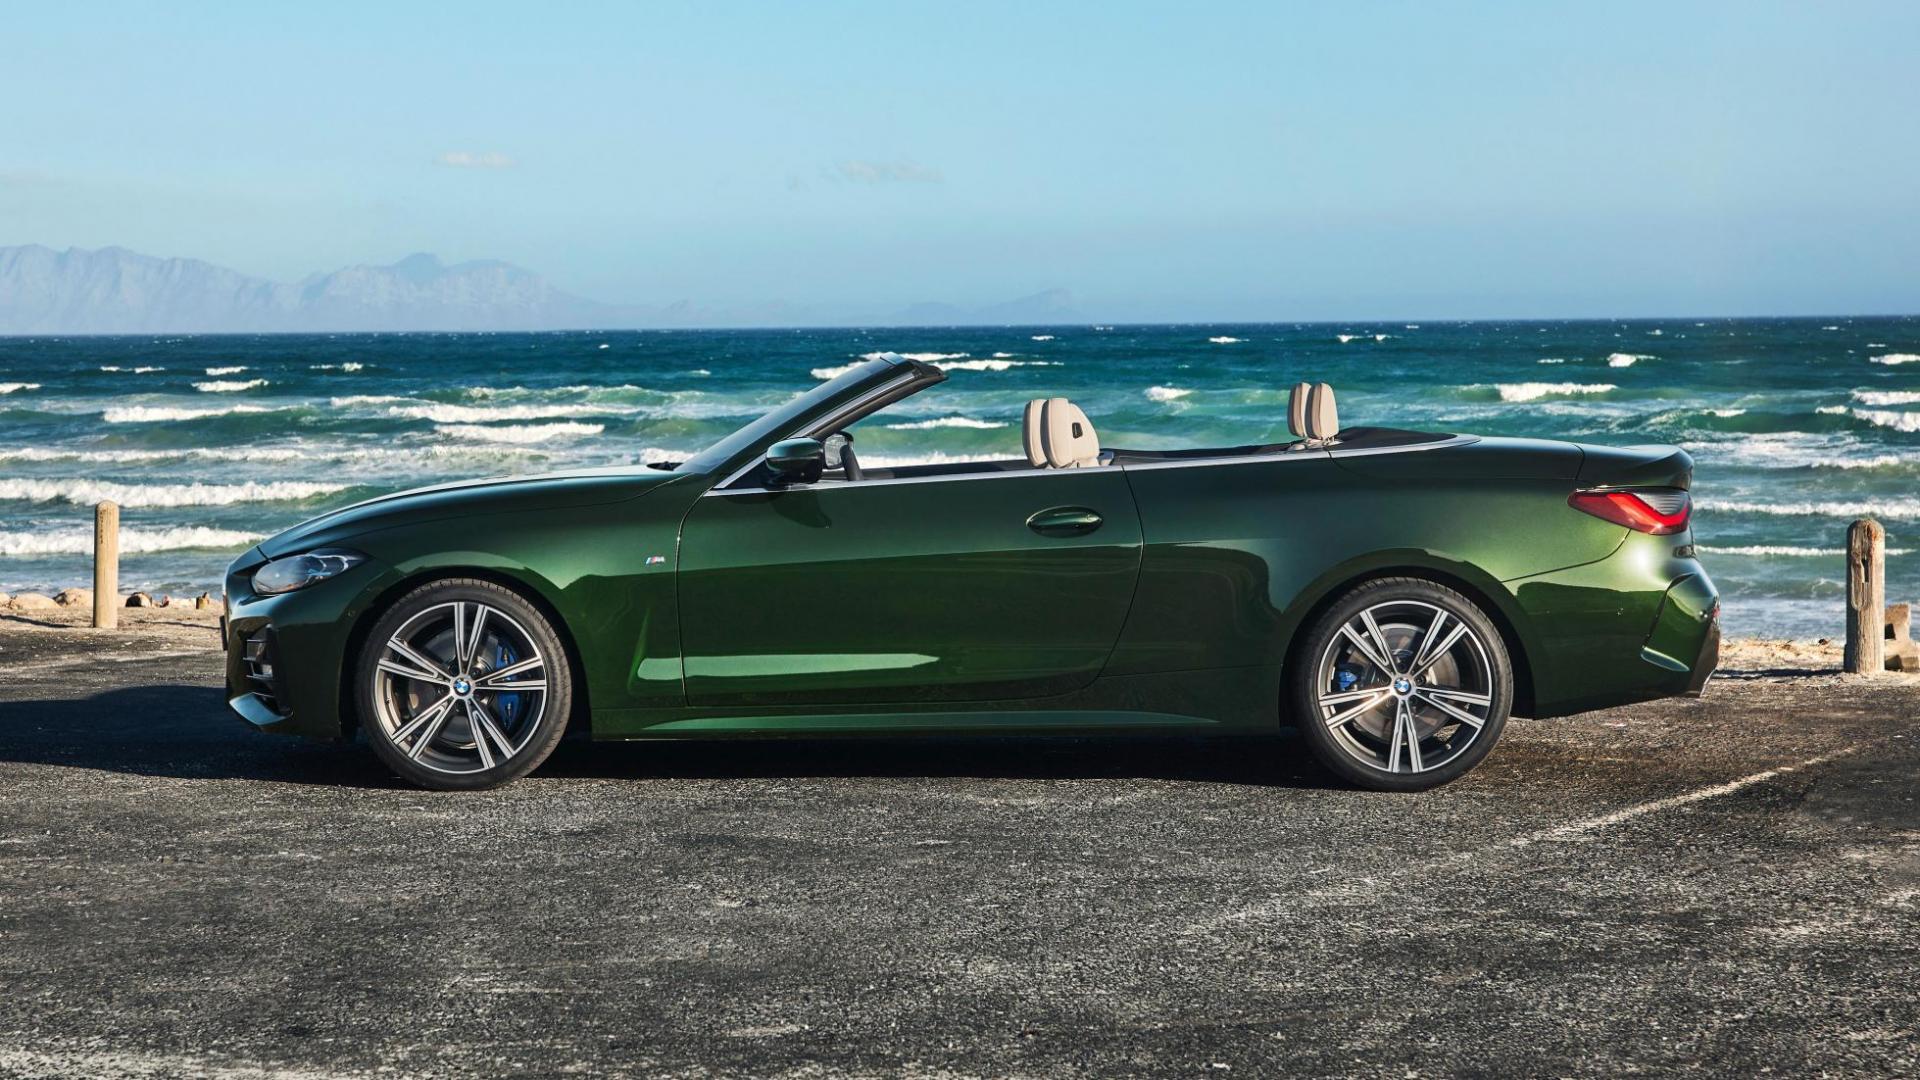 Zijkant BMW 4-serie Cabrio 2020 bij de zee